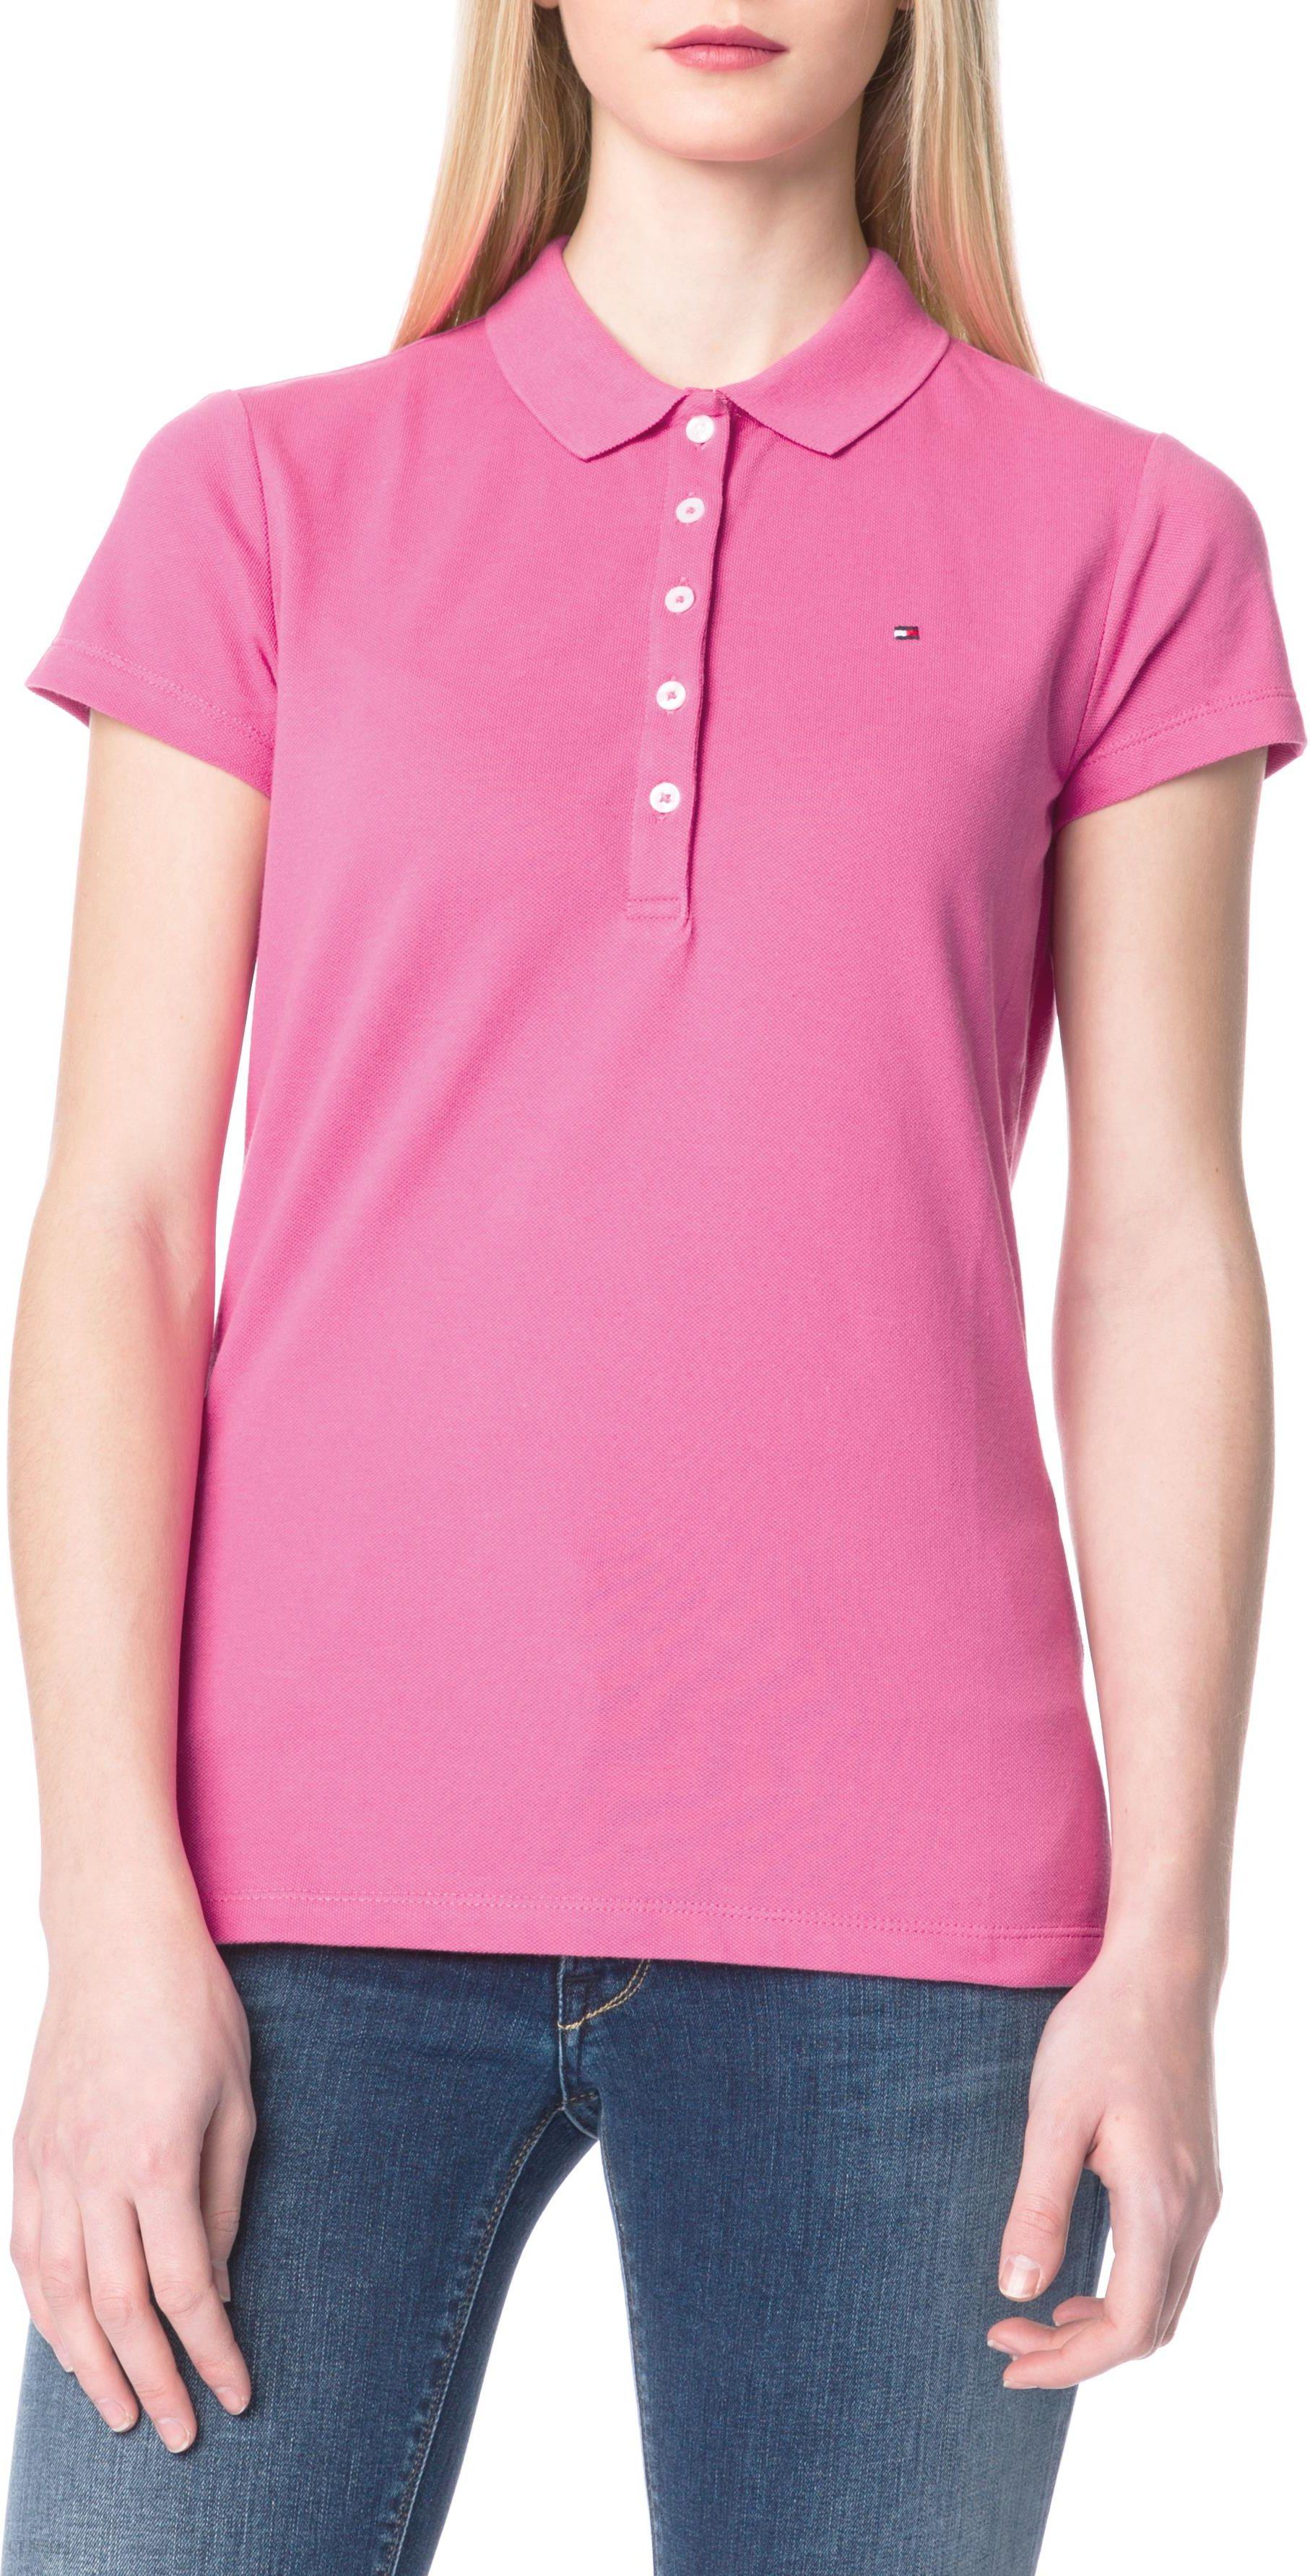 335a39221f8cc Tommy Hilfiger Koszulka polo Różowy S - Ceny i opinie - Ceneo.pl